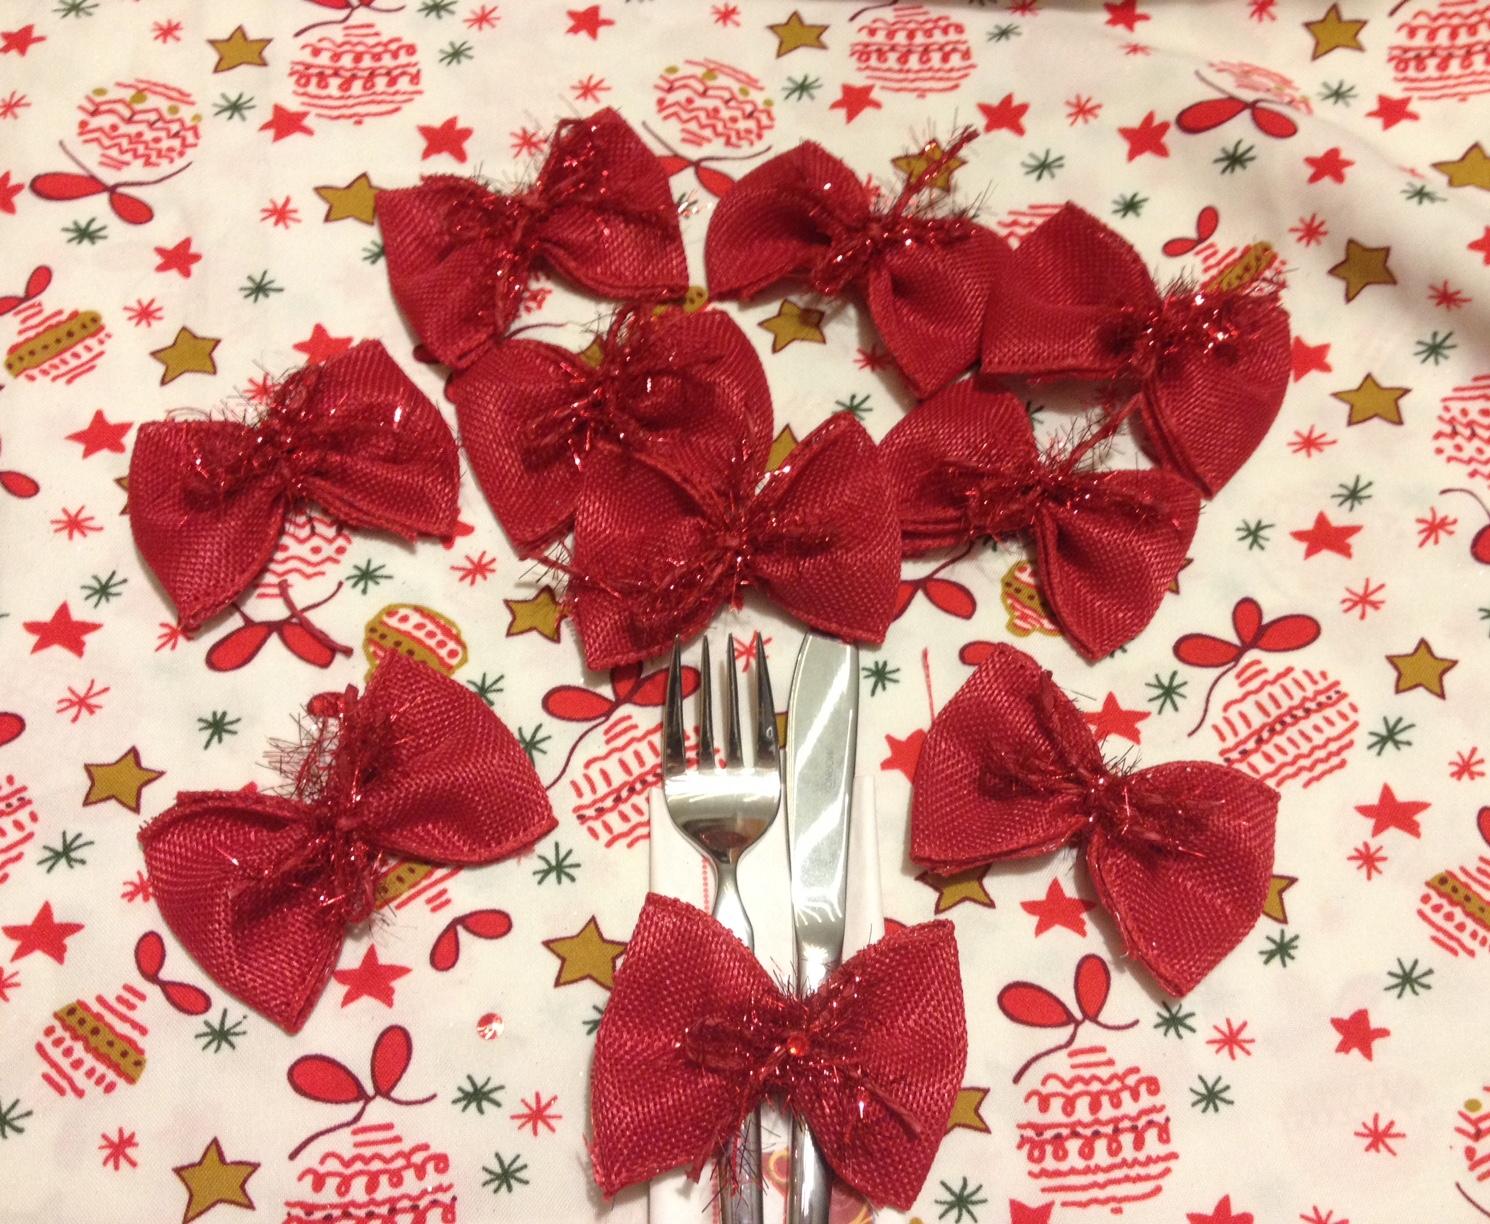 Decorazioni natalizie per la tavola kevitafarelamamma - Decorazioni natalizie tavola ...